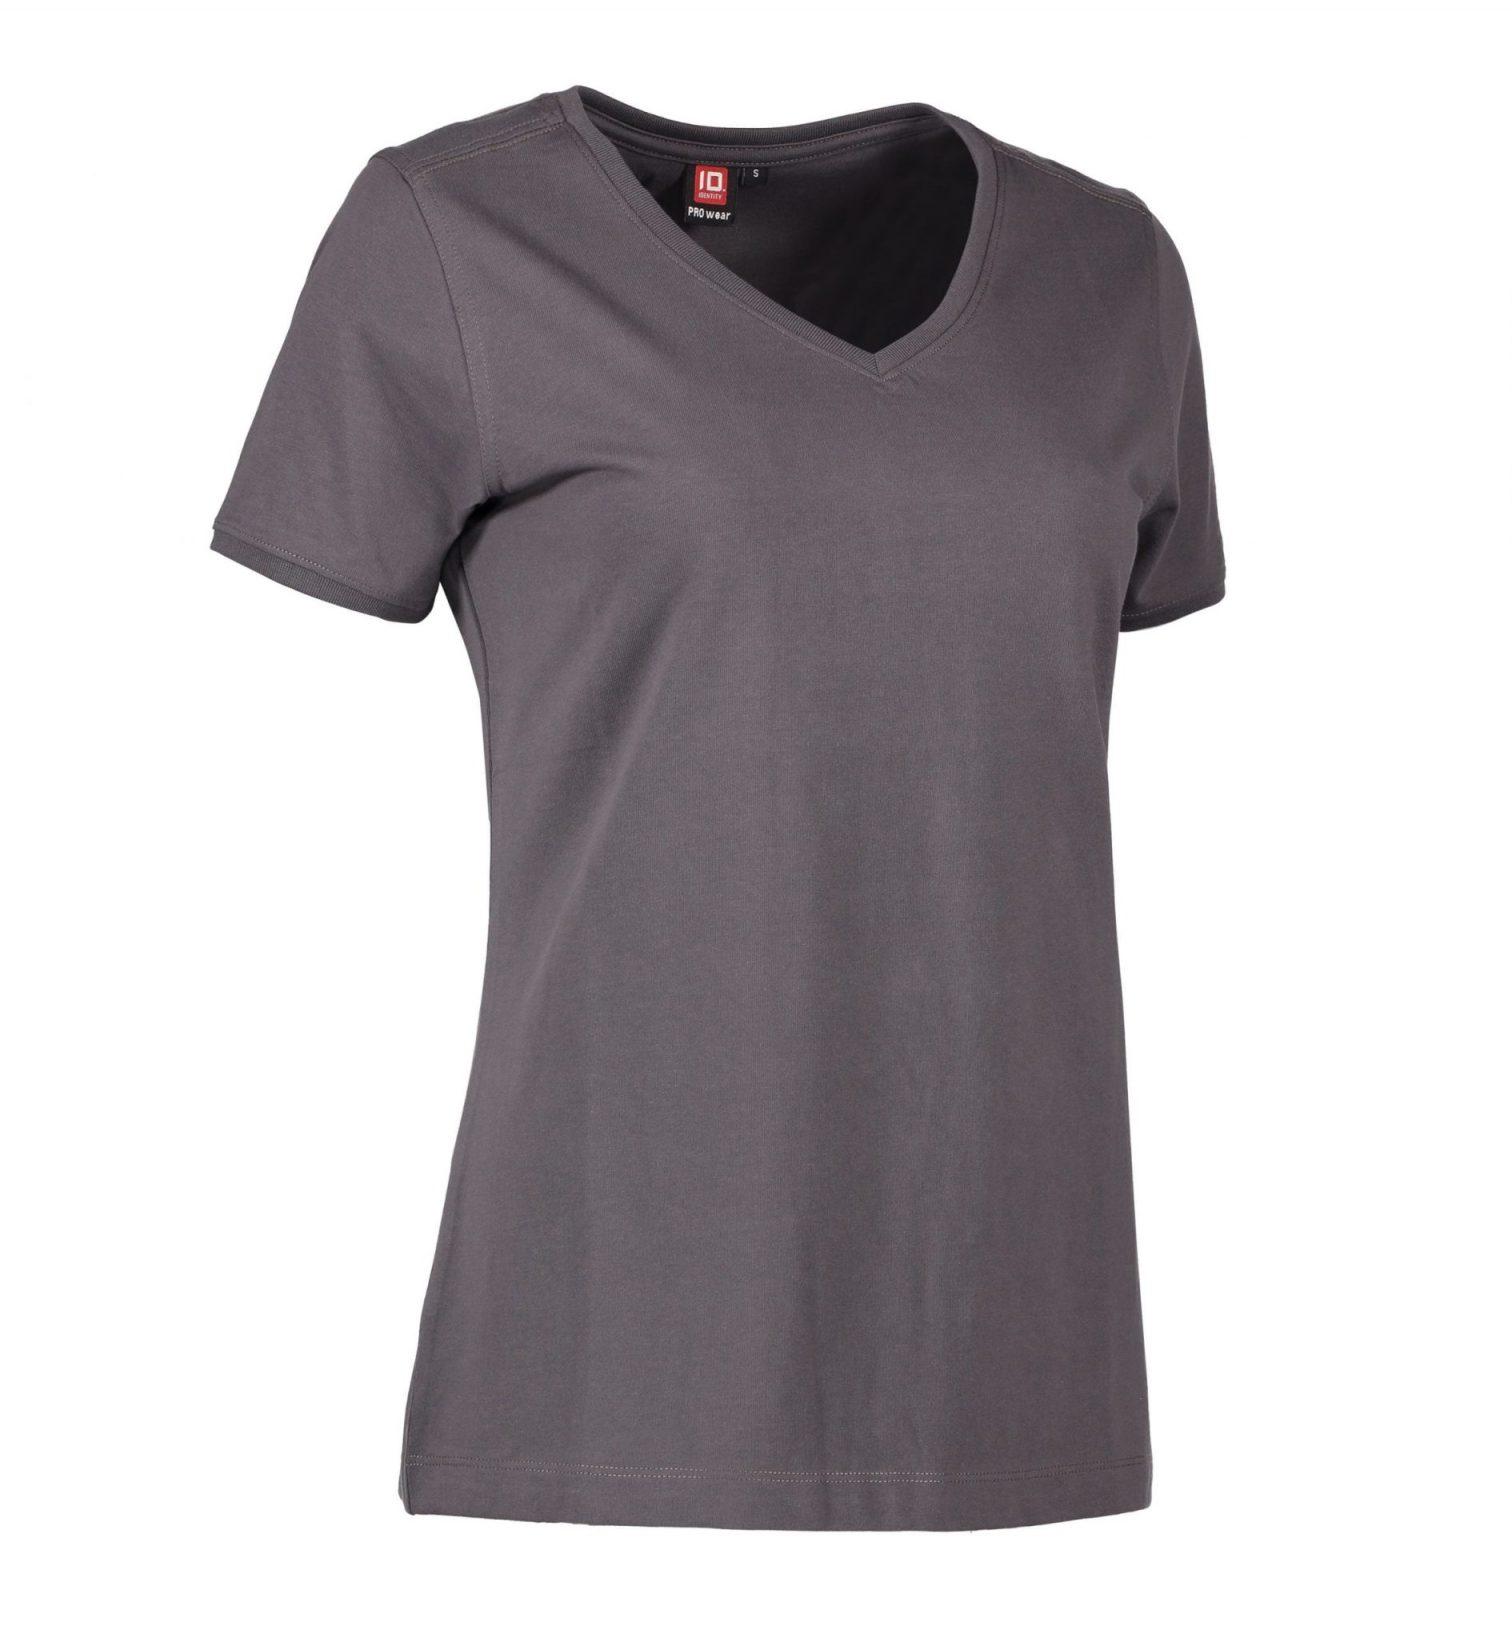 ID PRO Wear CARE T-shirt v- hals EU-Blomst certificeret dame grå